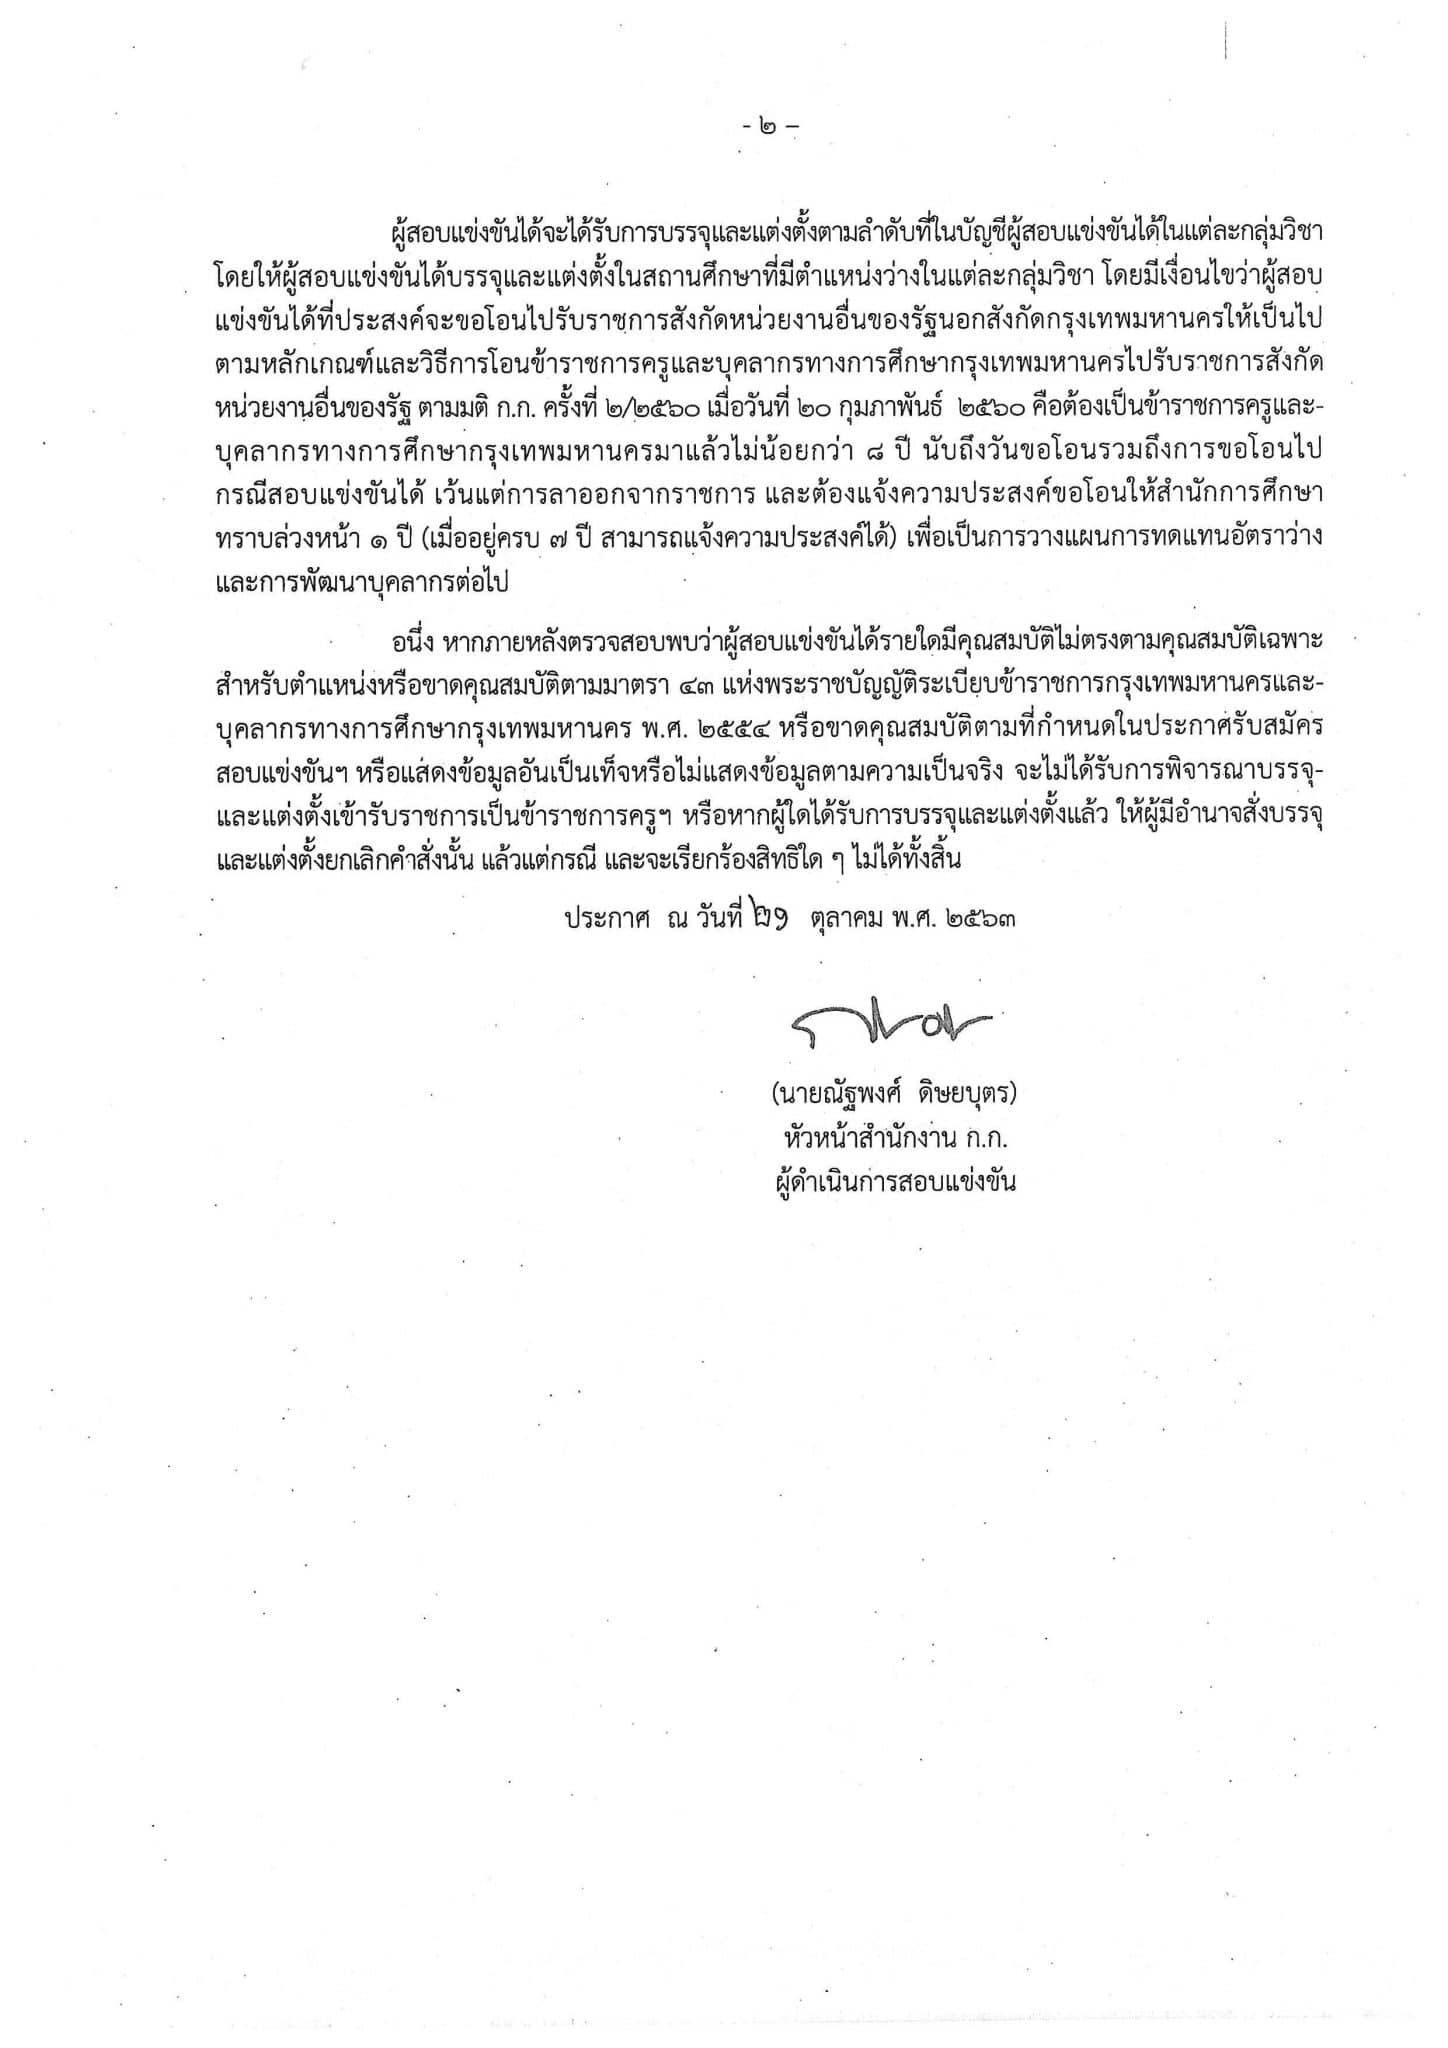 ประกาศผลสอบครูผู้ช่วย สังกัดกรุงเทพมหานคร ปี 2563 (ครั้งที่ 1/2562)